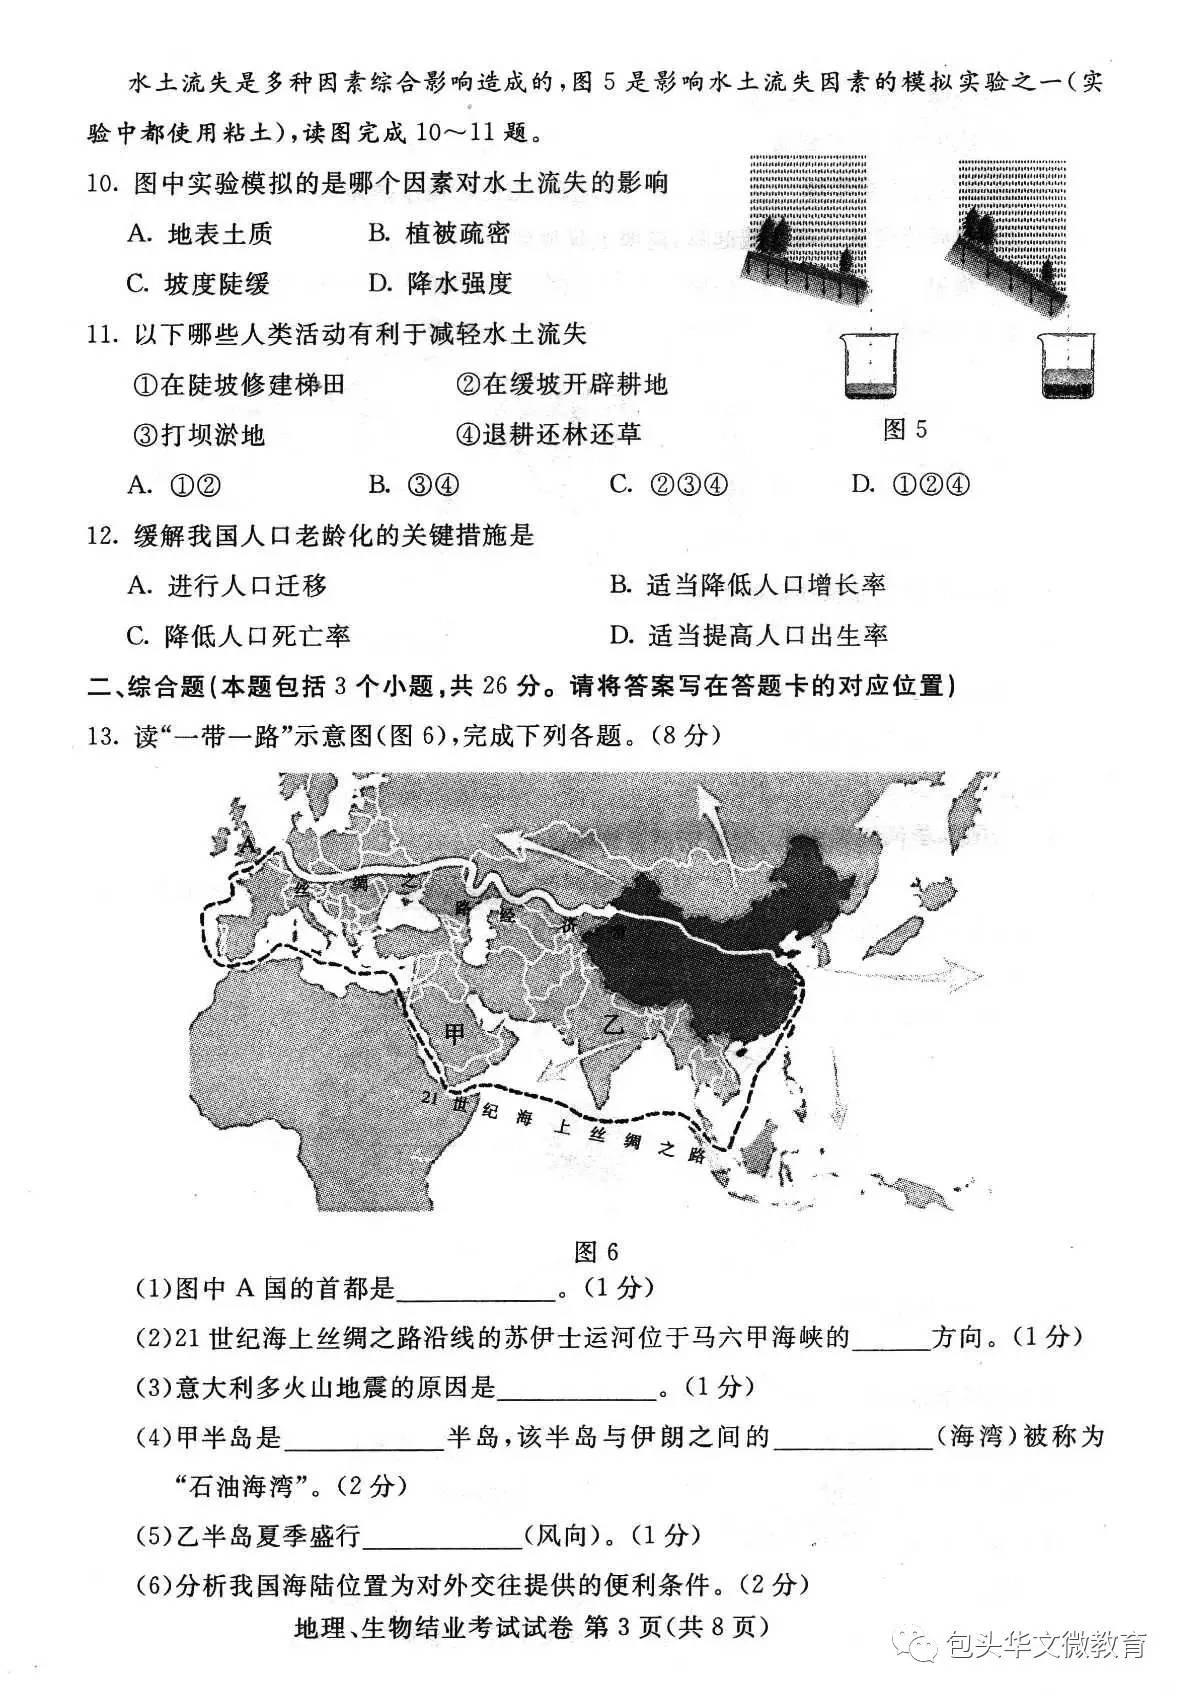 初二地理结业考试试题及答案